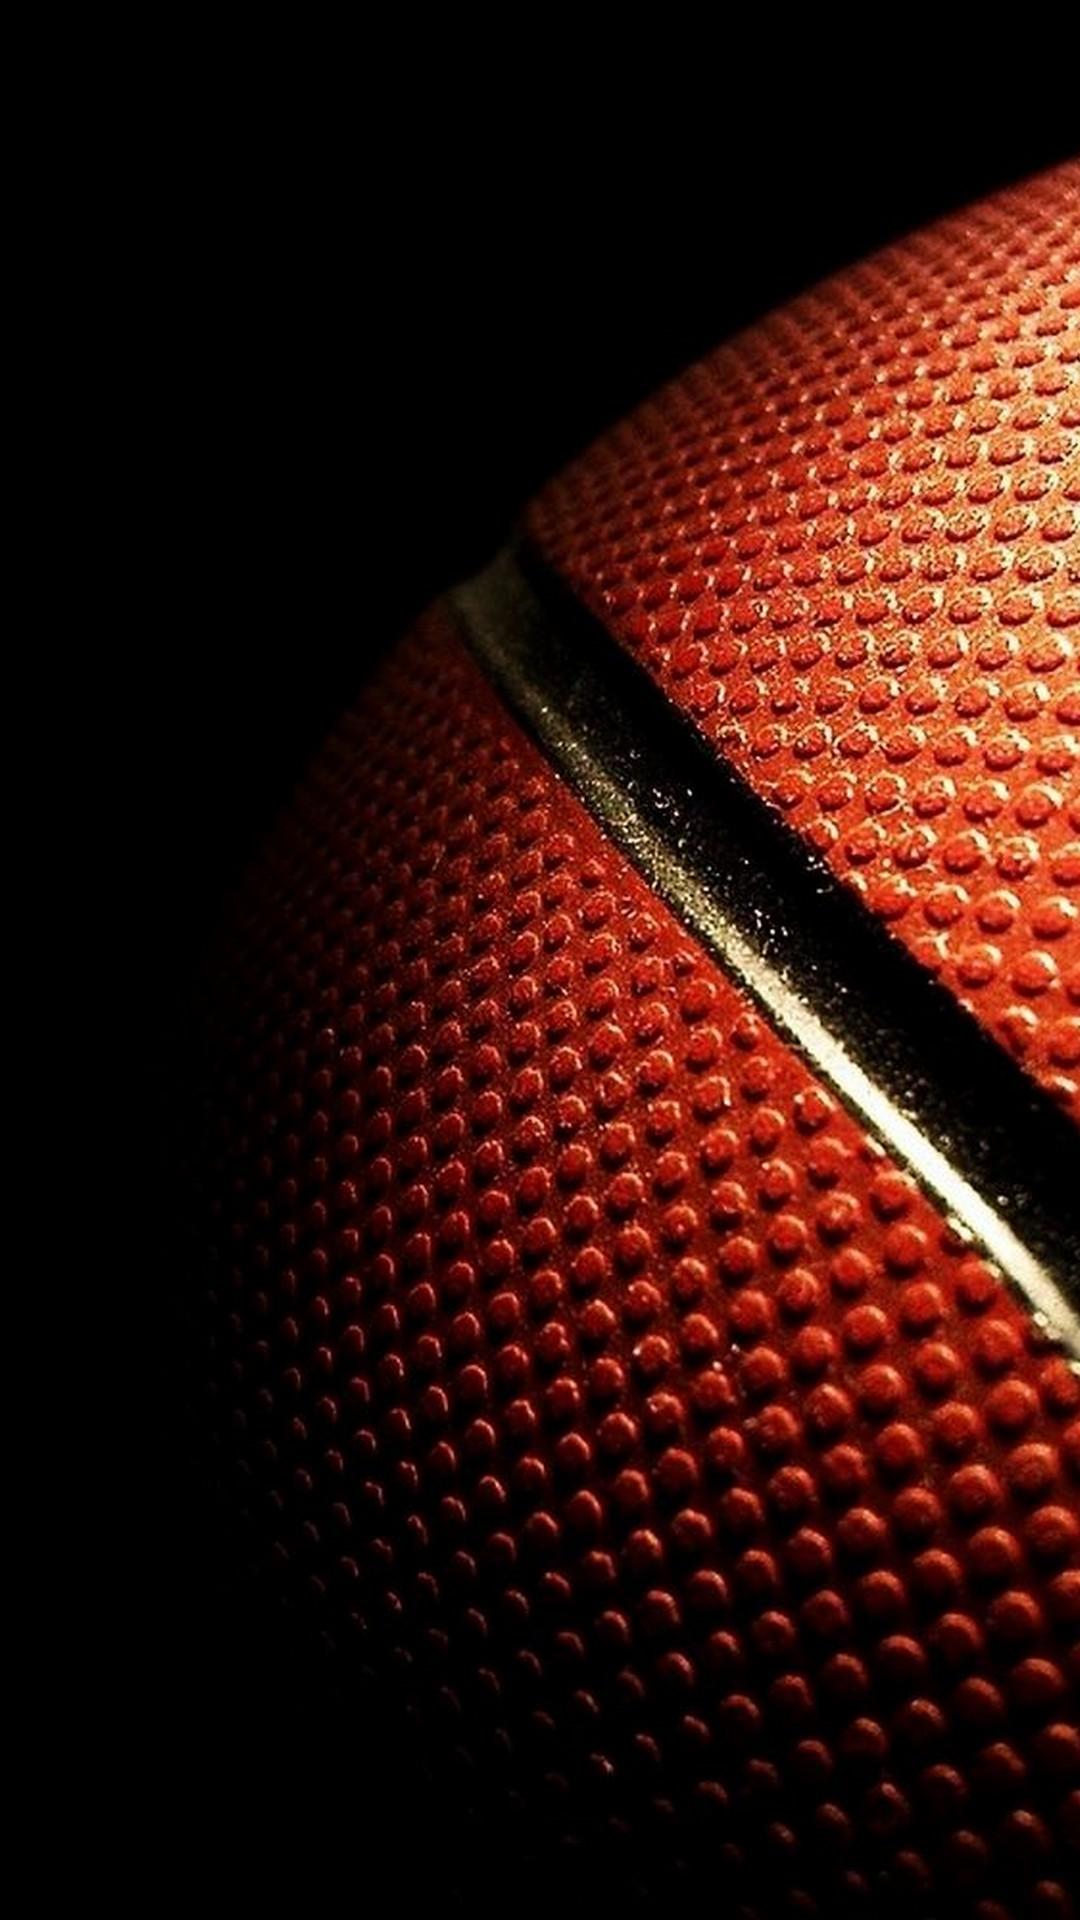 NBA Basketball iPhone X Wallpaper 2020 Basketball Wallpaper 1080x1920